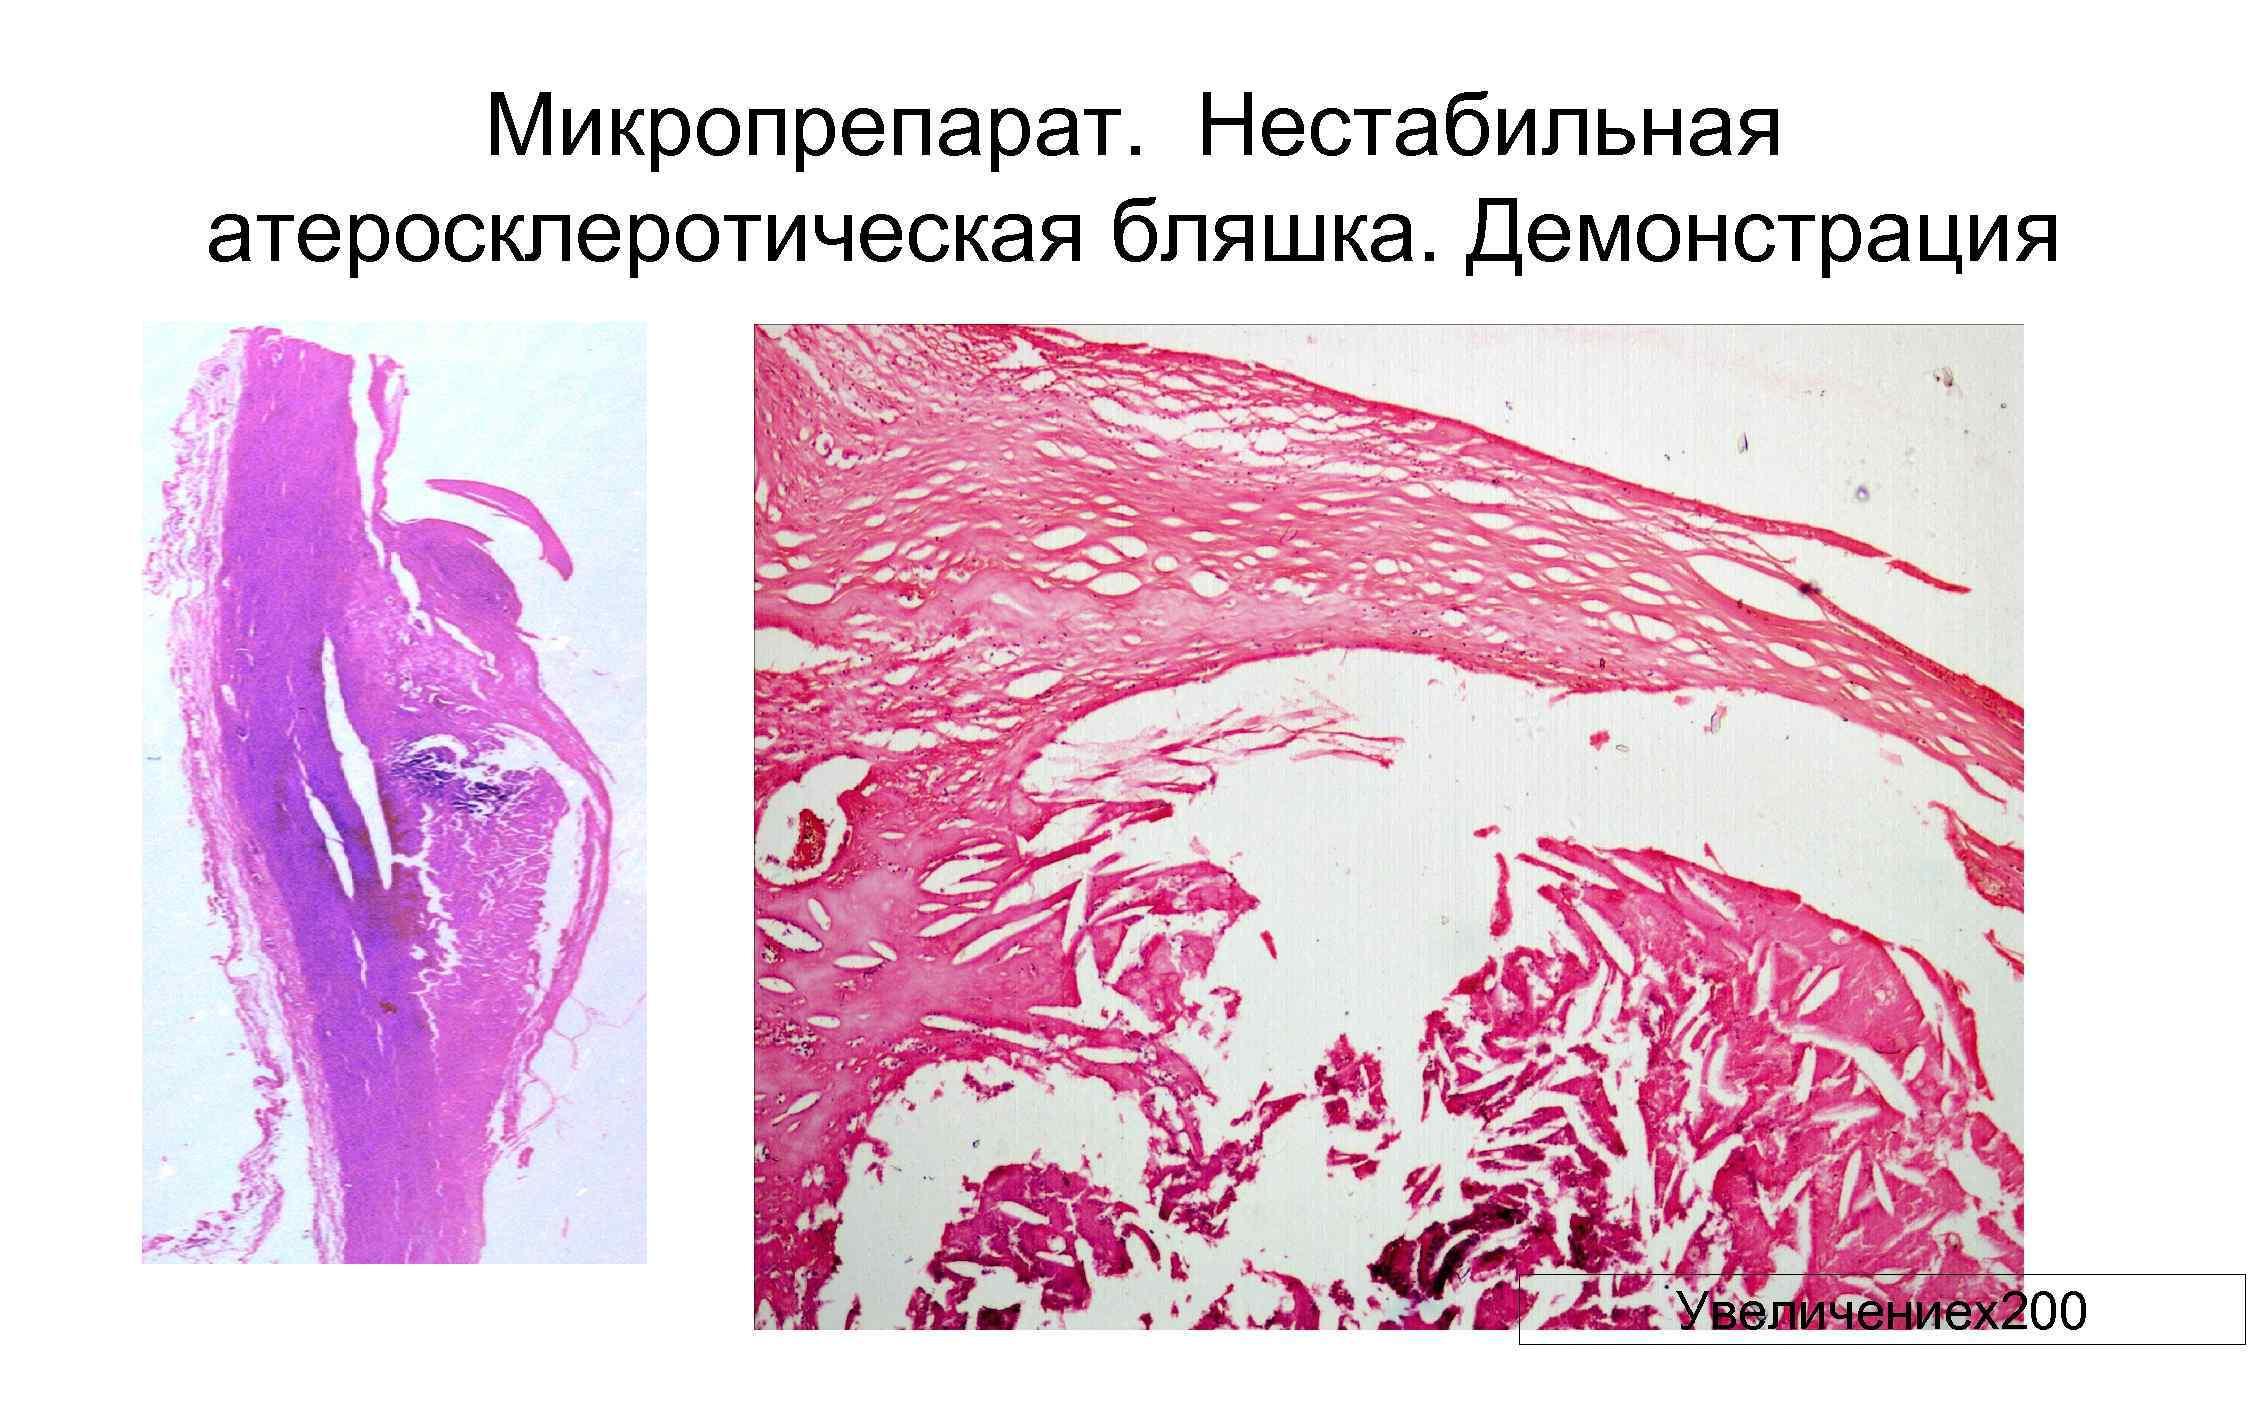 Микропрепарат. Нестабильная атеросклеротическая бляшка. Демонстрация Увеличениех200